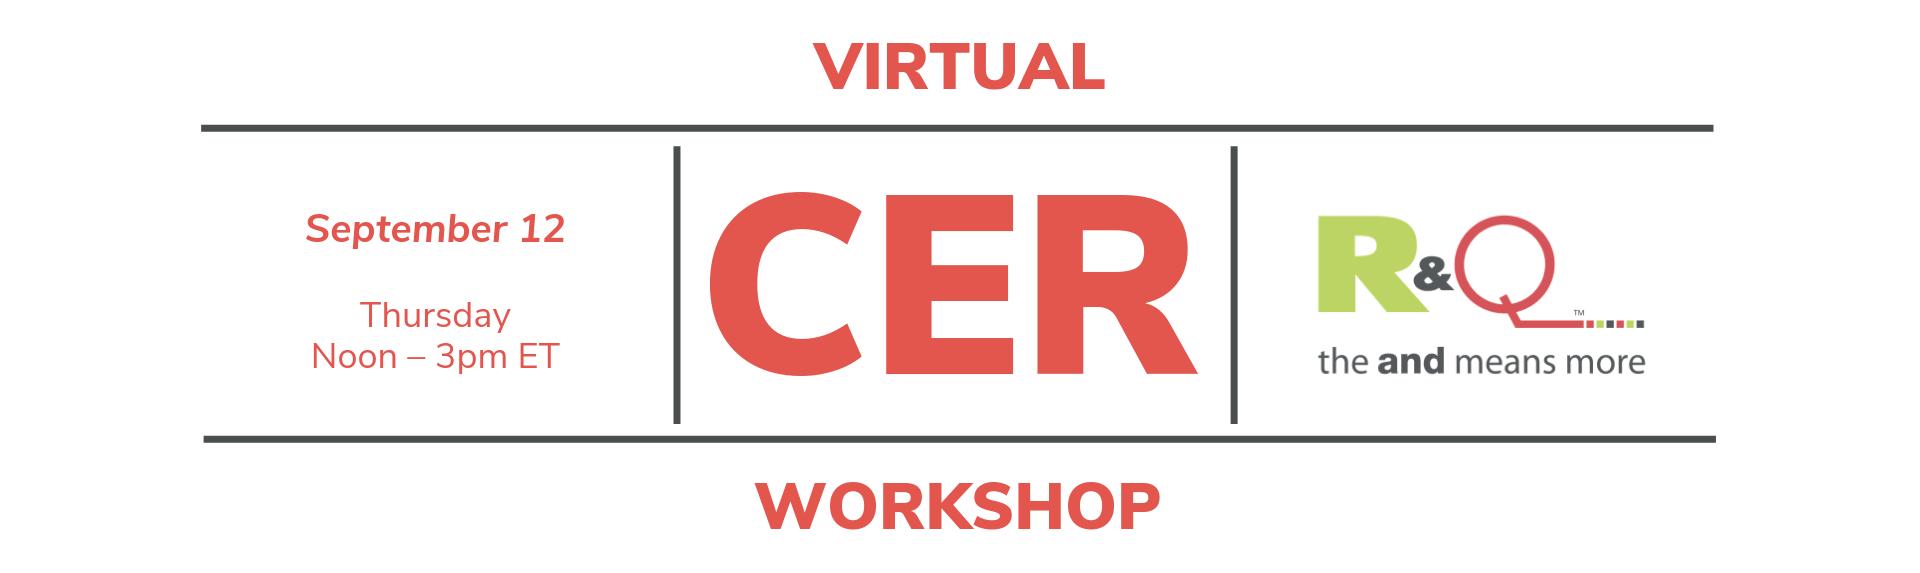 RQ_CER_Virtual_Workshop_Header_v3-min